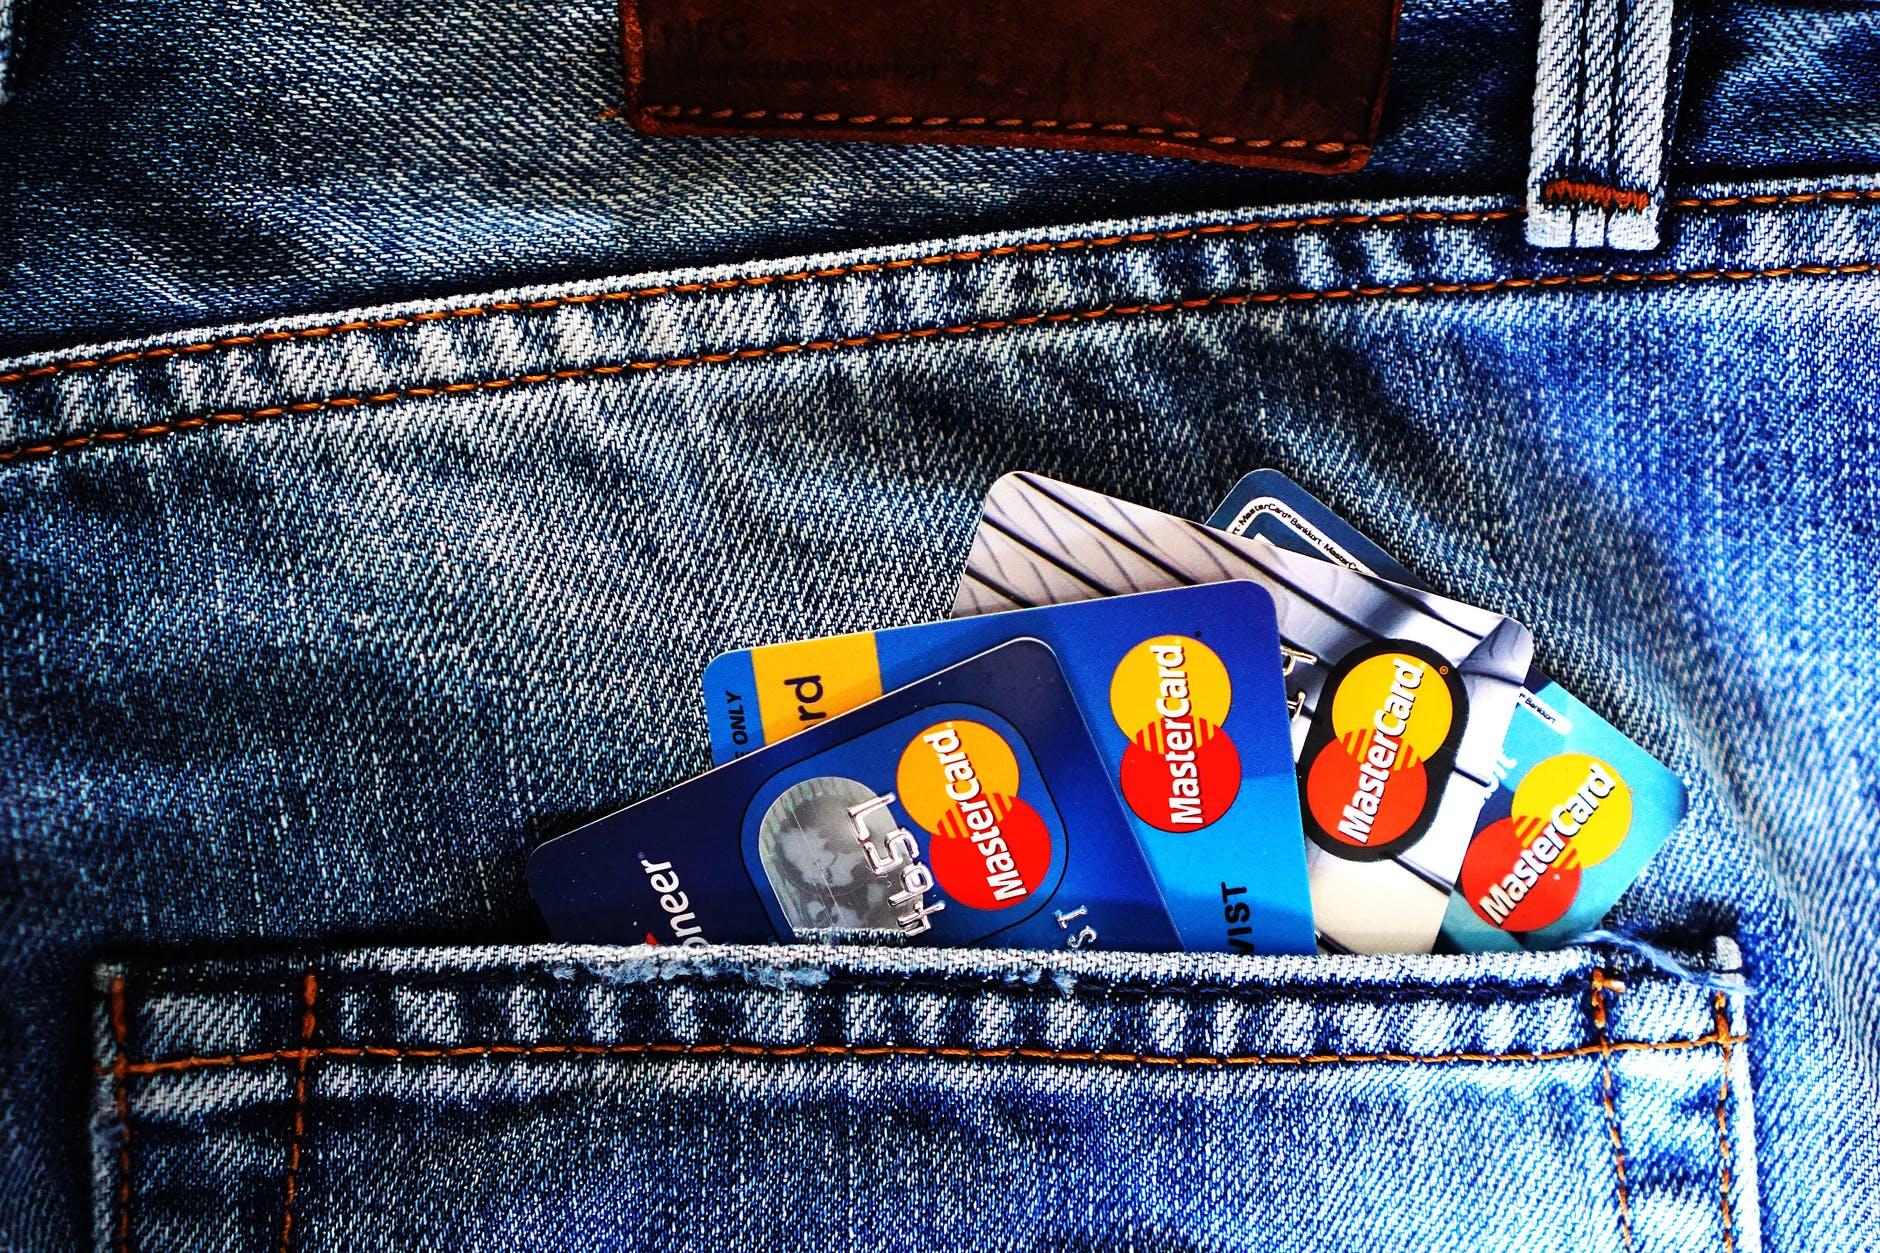 5 Cara Sederhana untuk Menghindari Penipuan Kartu Kredit